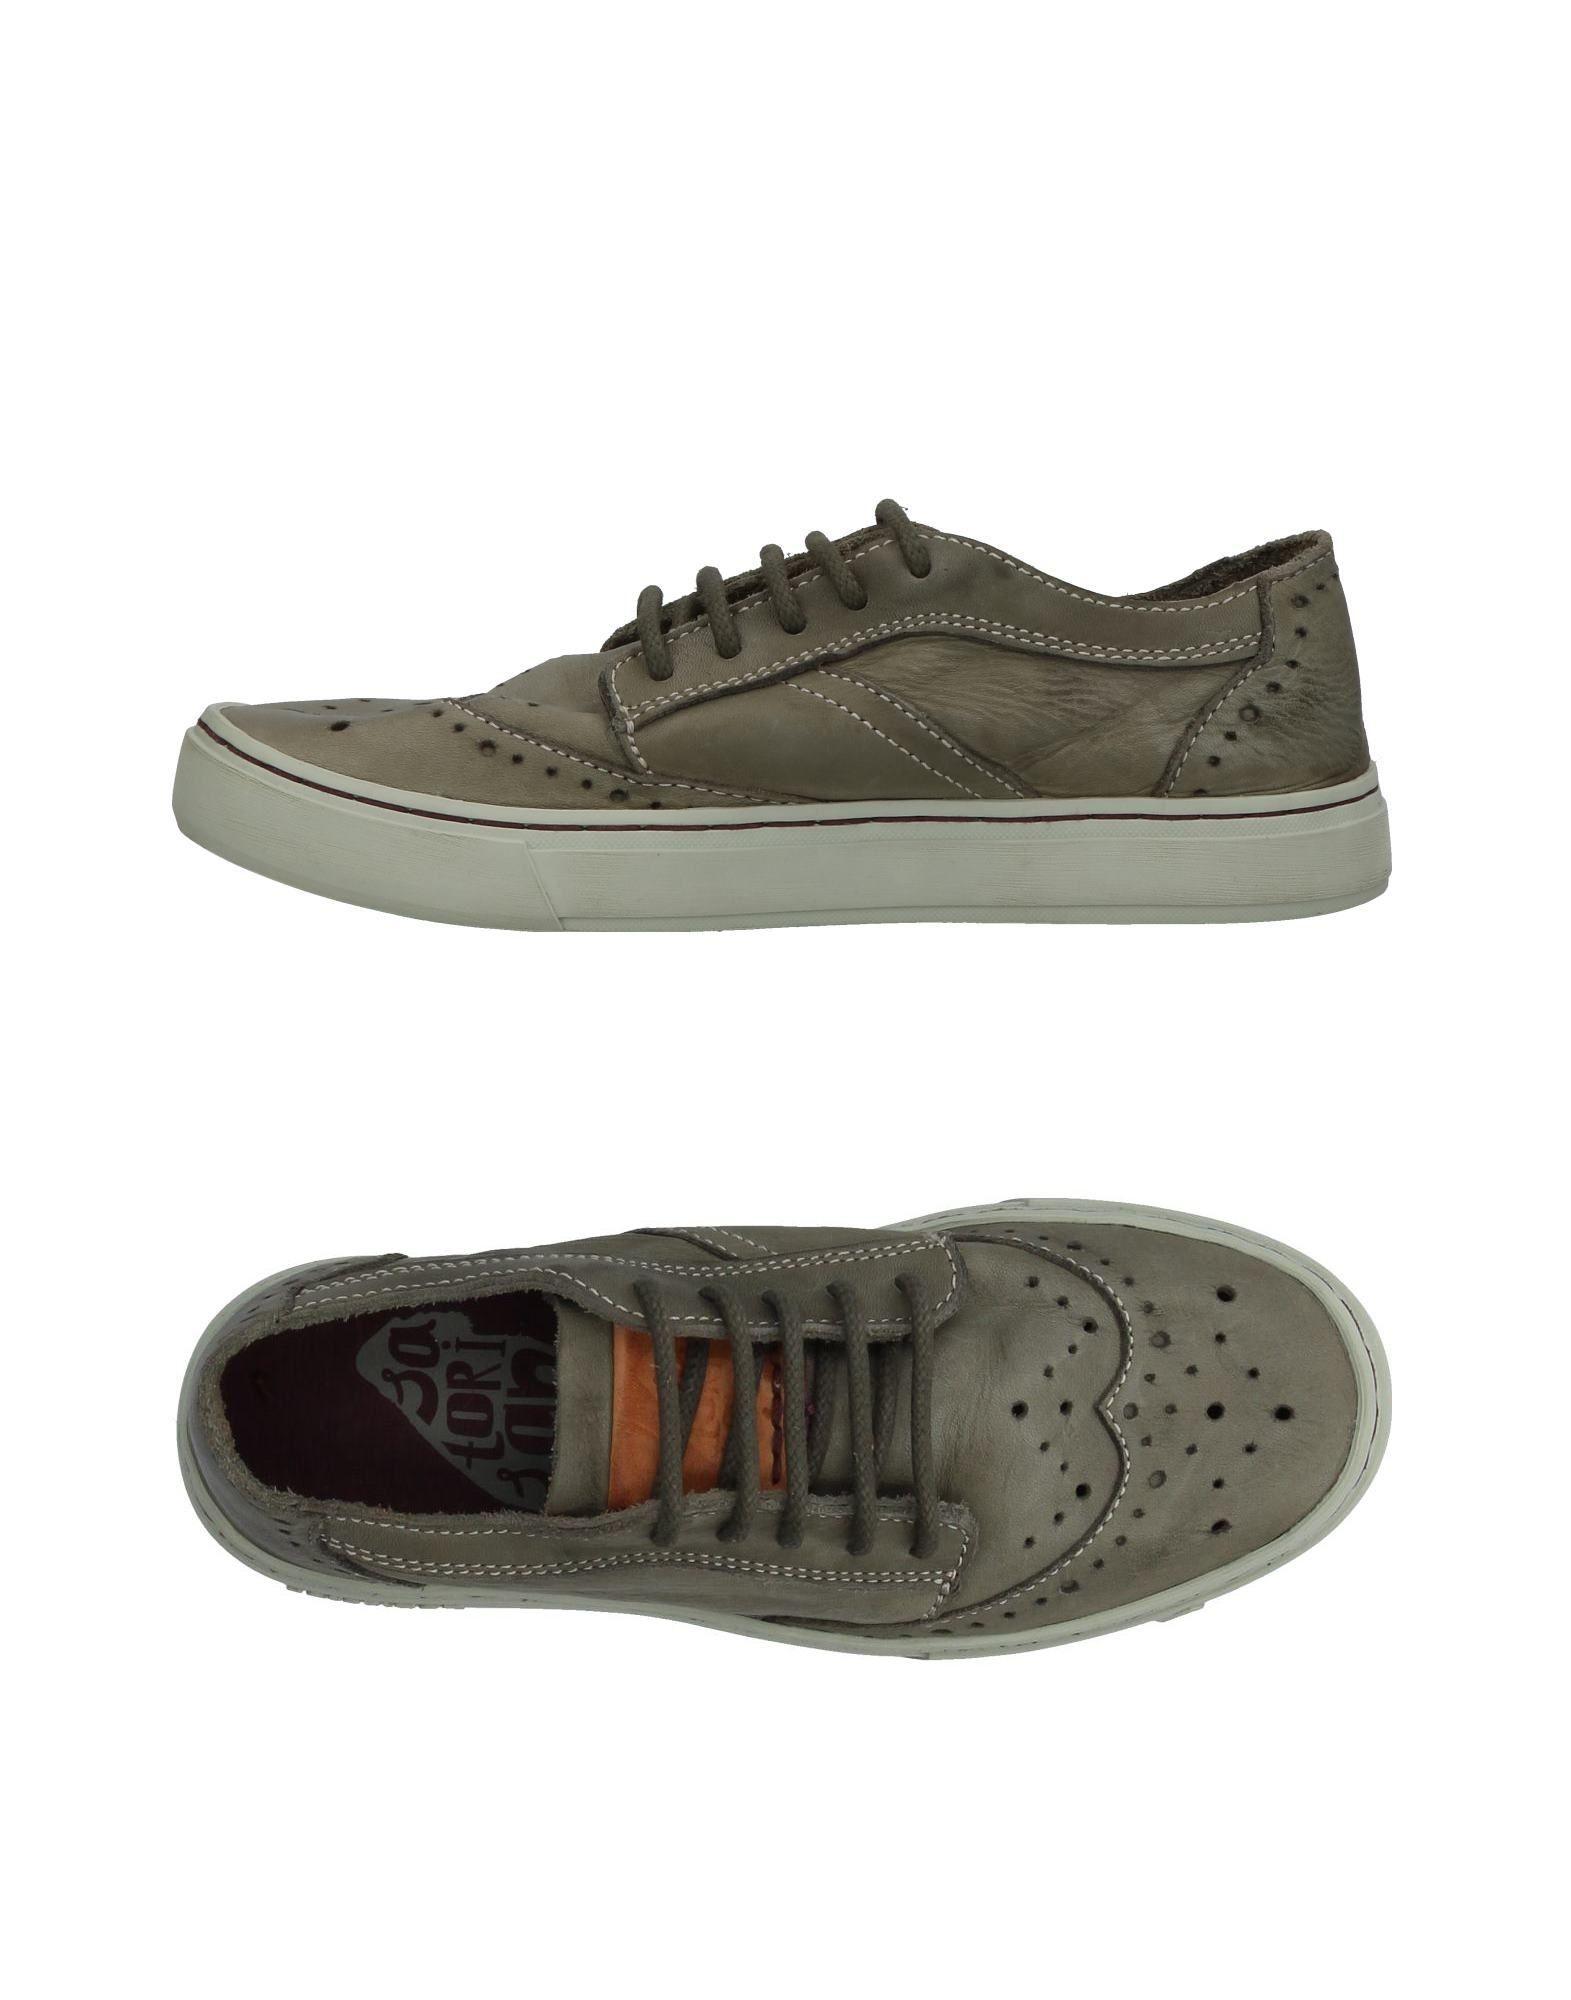 Satorisan Sneakers Damen  11375266NV Gute Qualität beliebte Schuhe